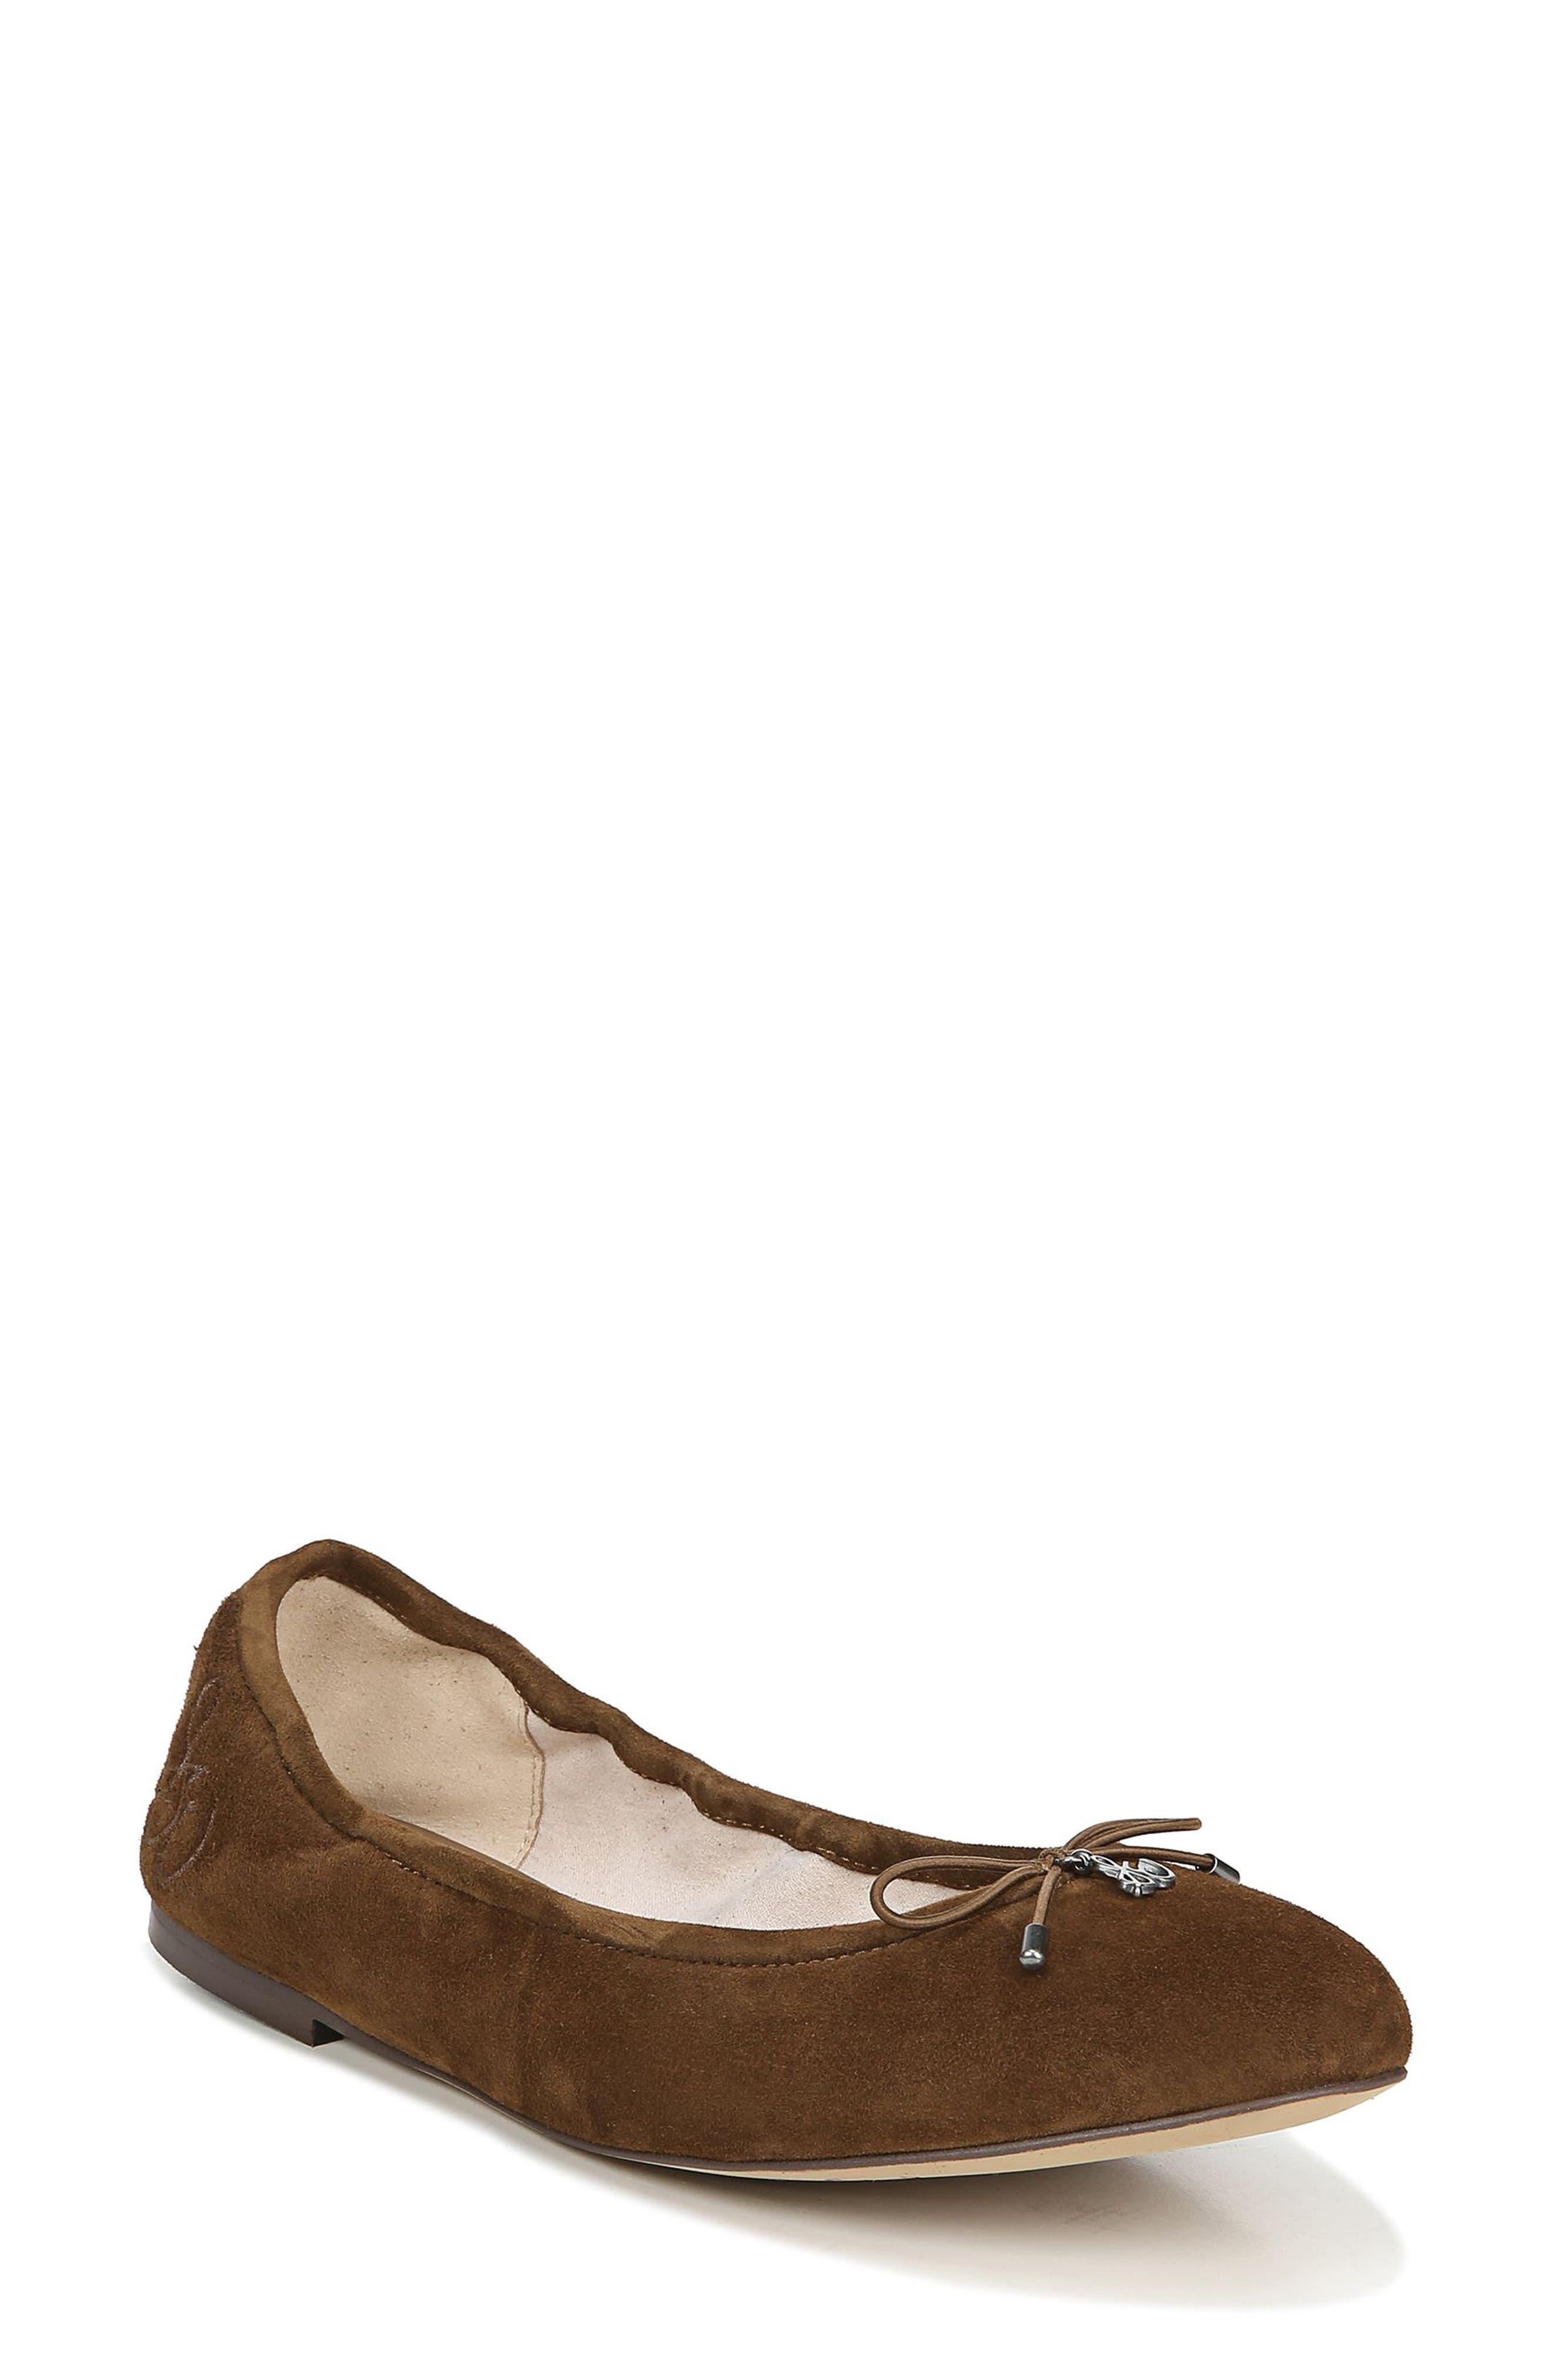 99475b48d Women's Flats & Ballet Flats | Nordstrom